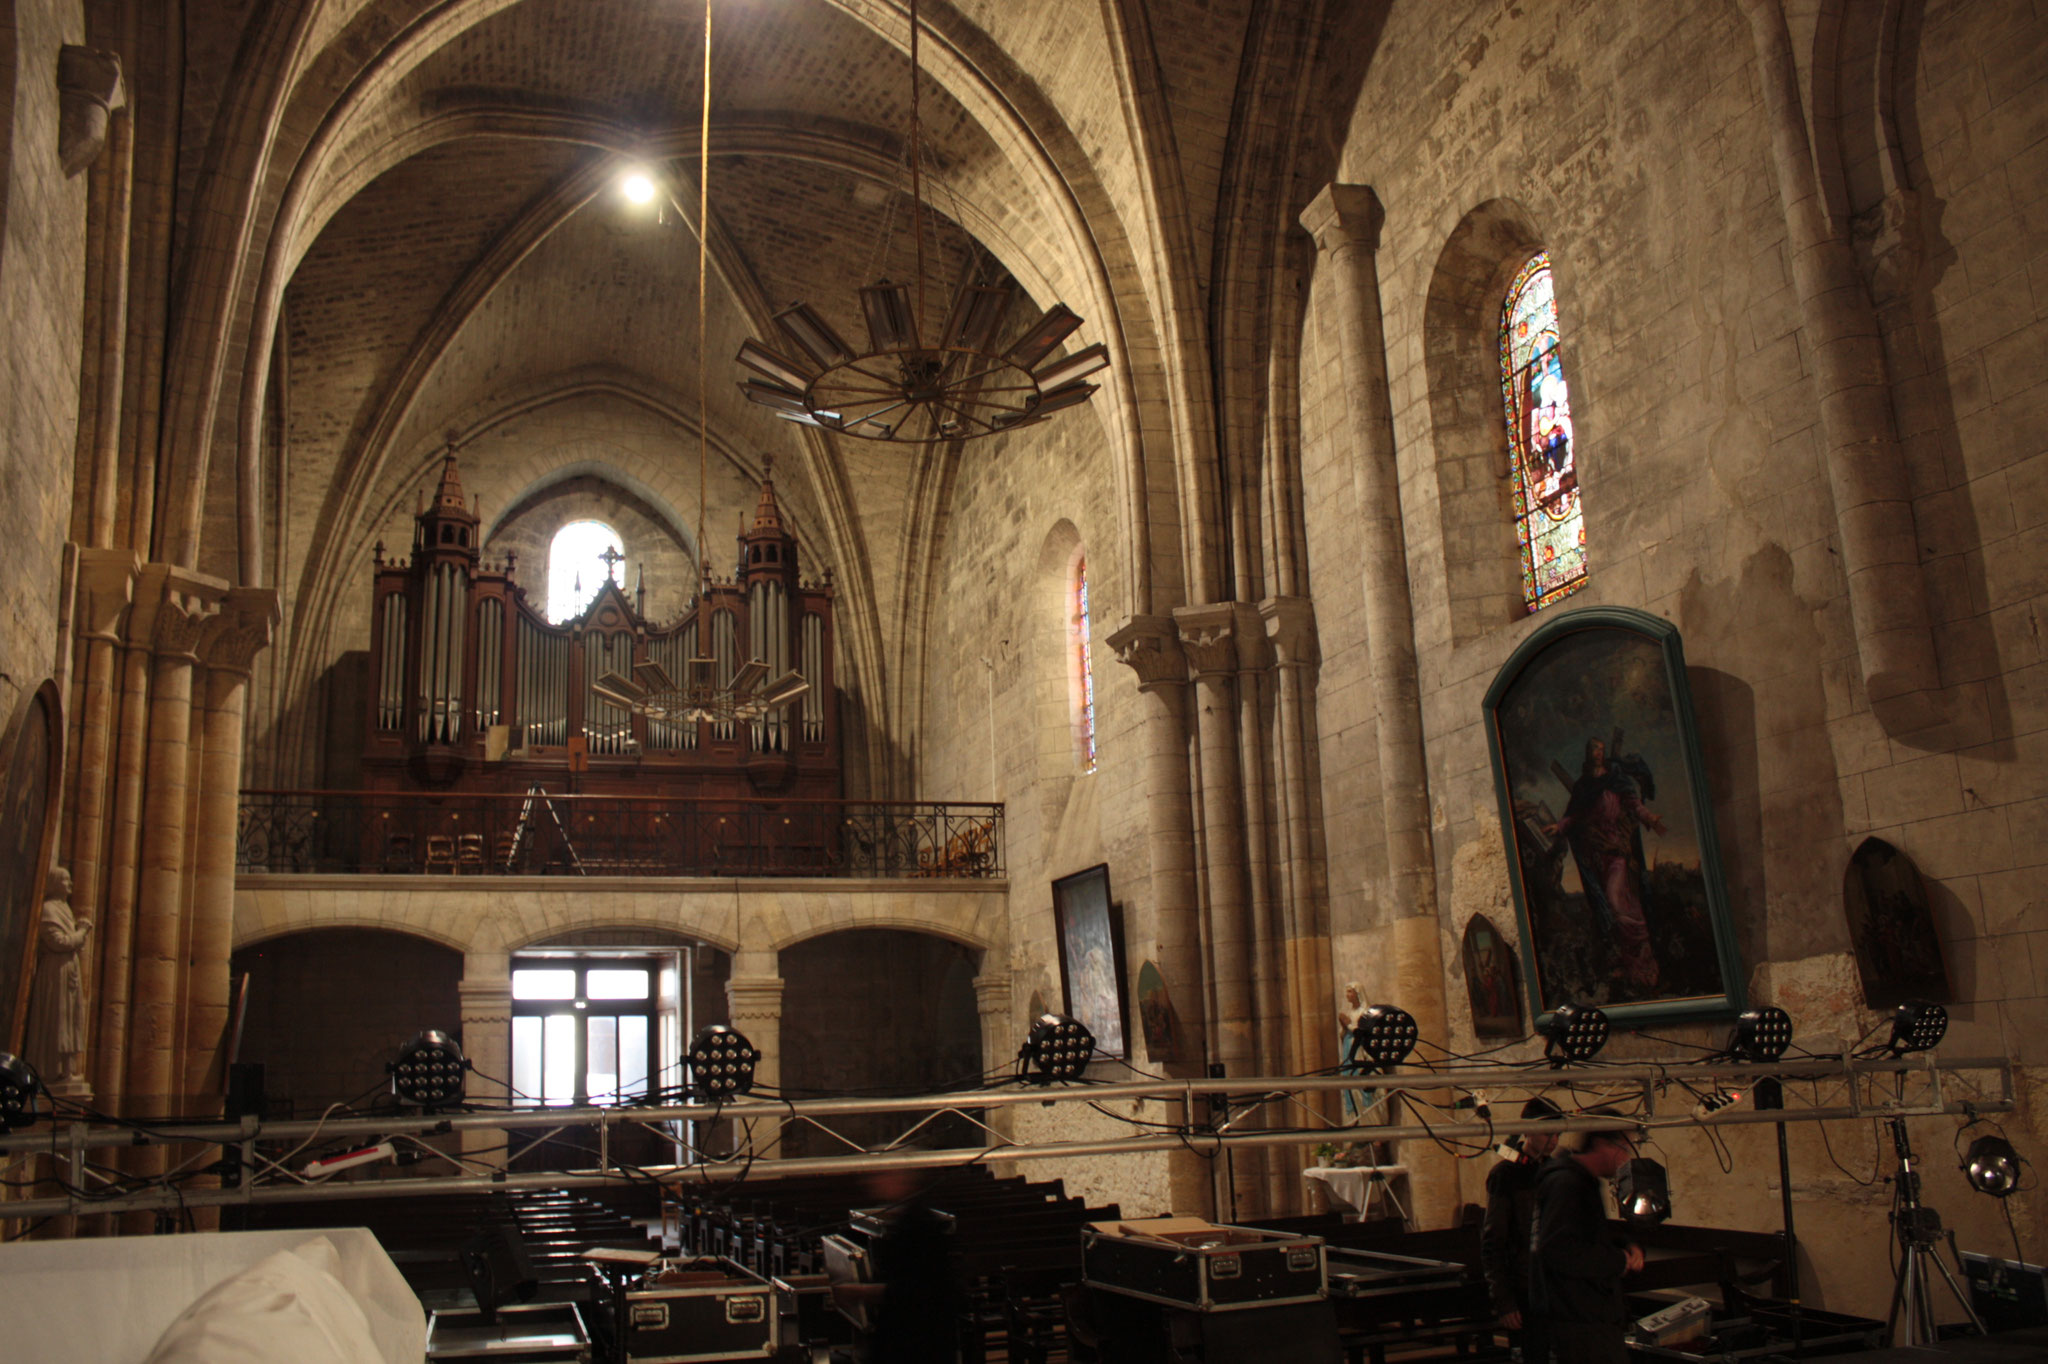 L'intérieur de l'église - (c) JDR